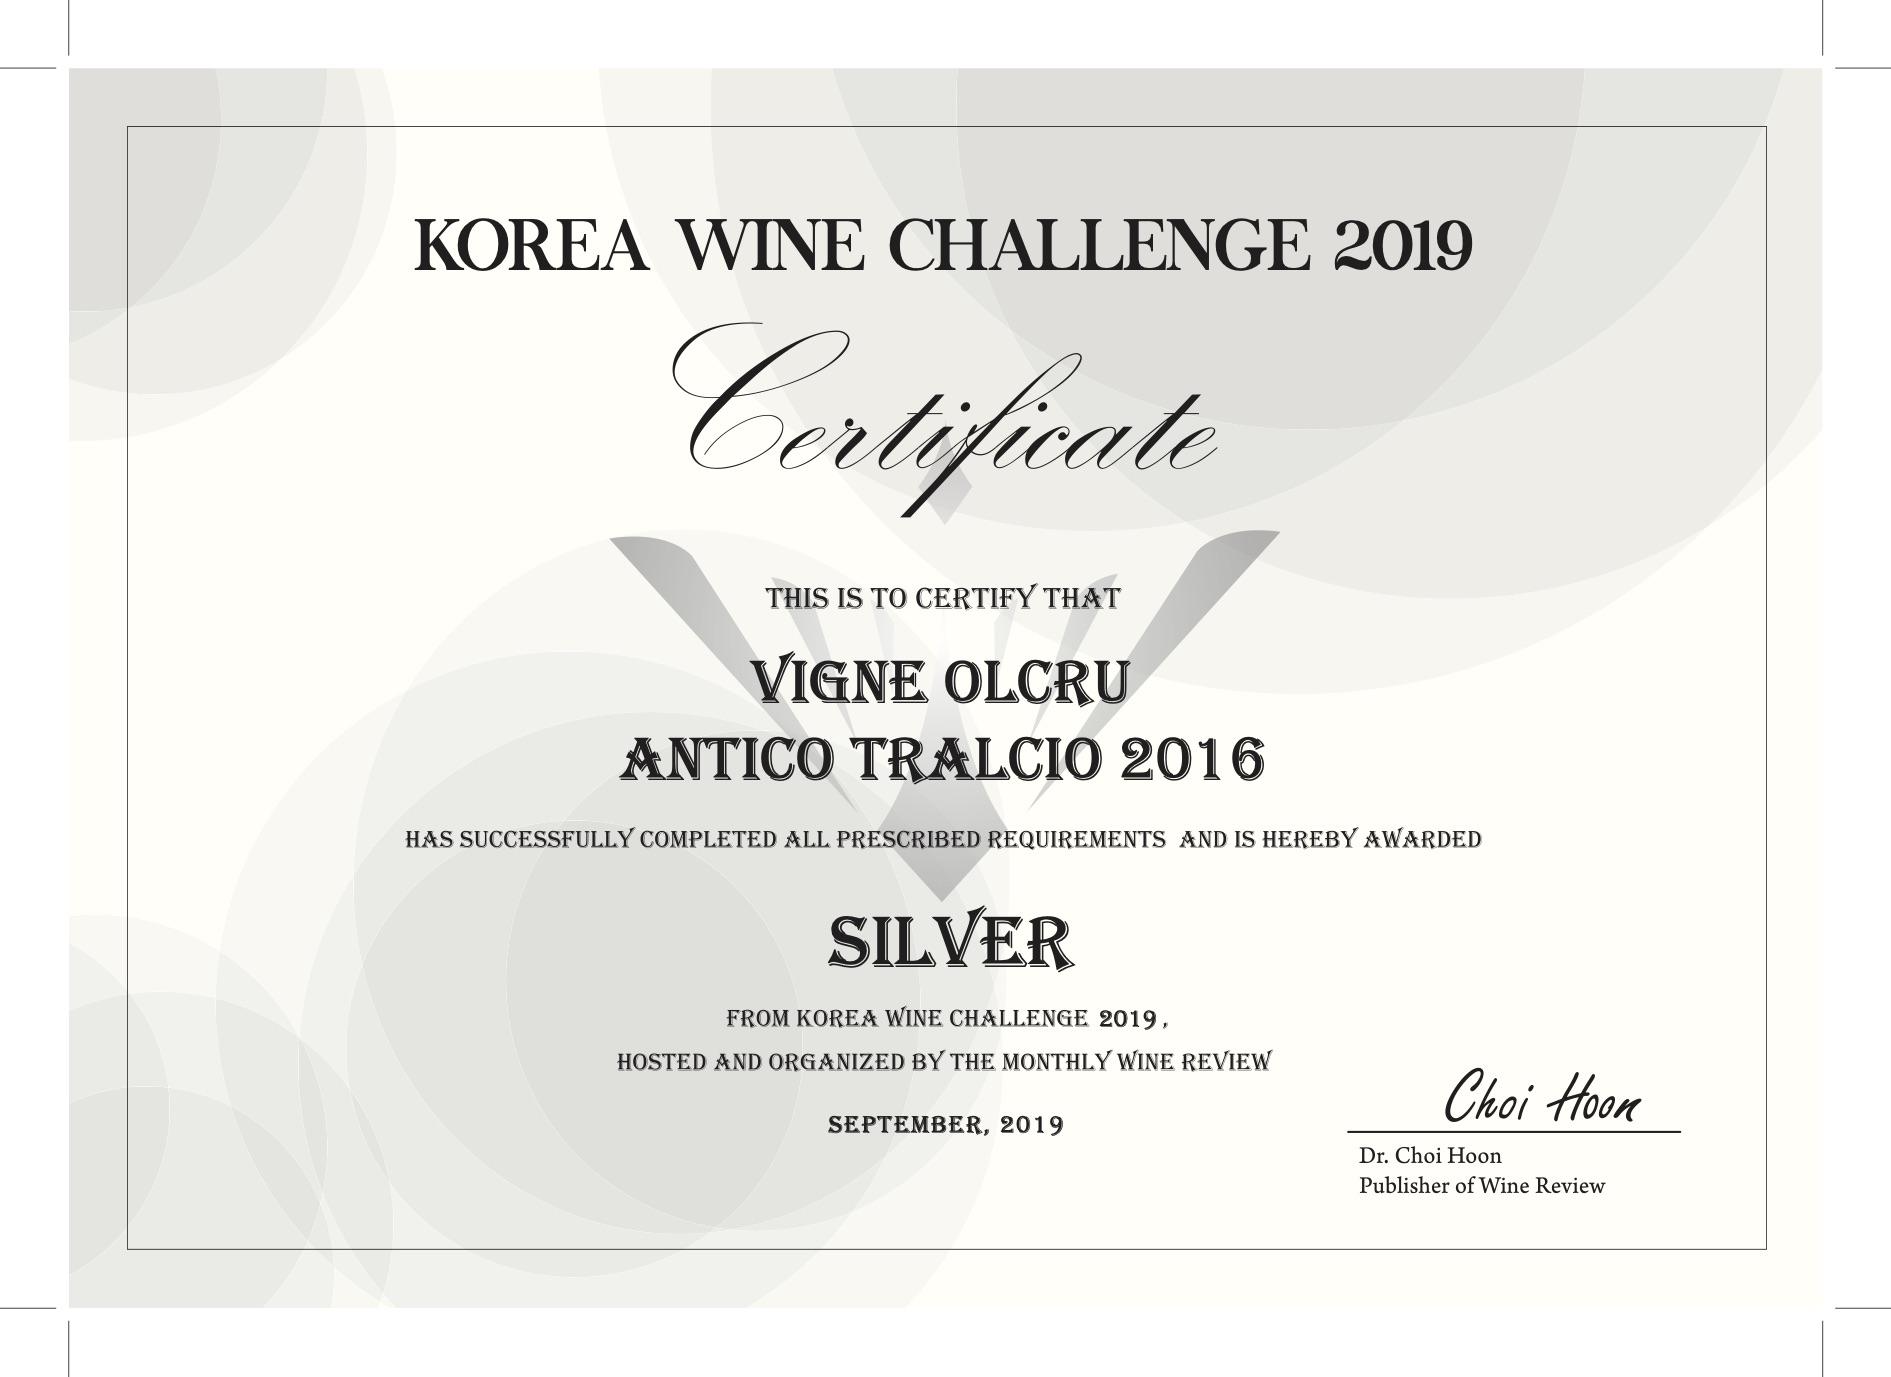 Korea Wine Challenge 2019 – Antico Tralcio 2016 – Silver